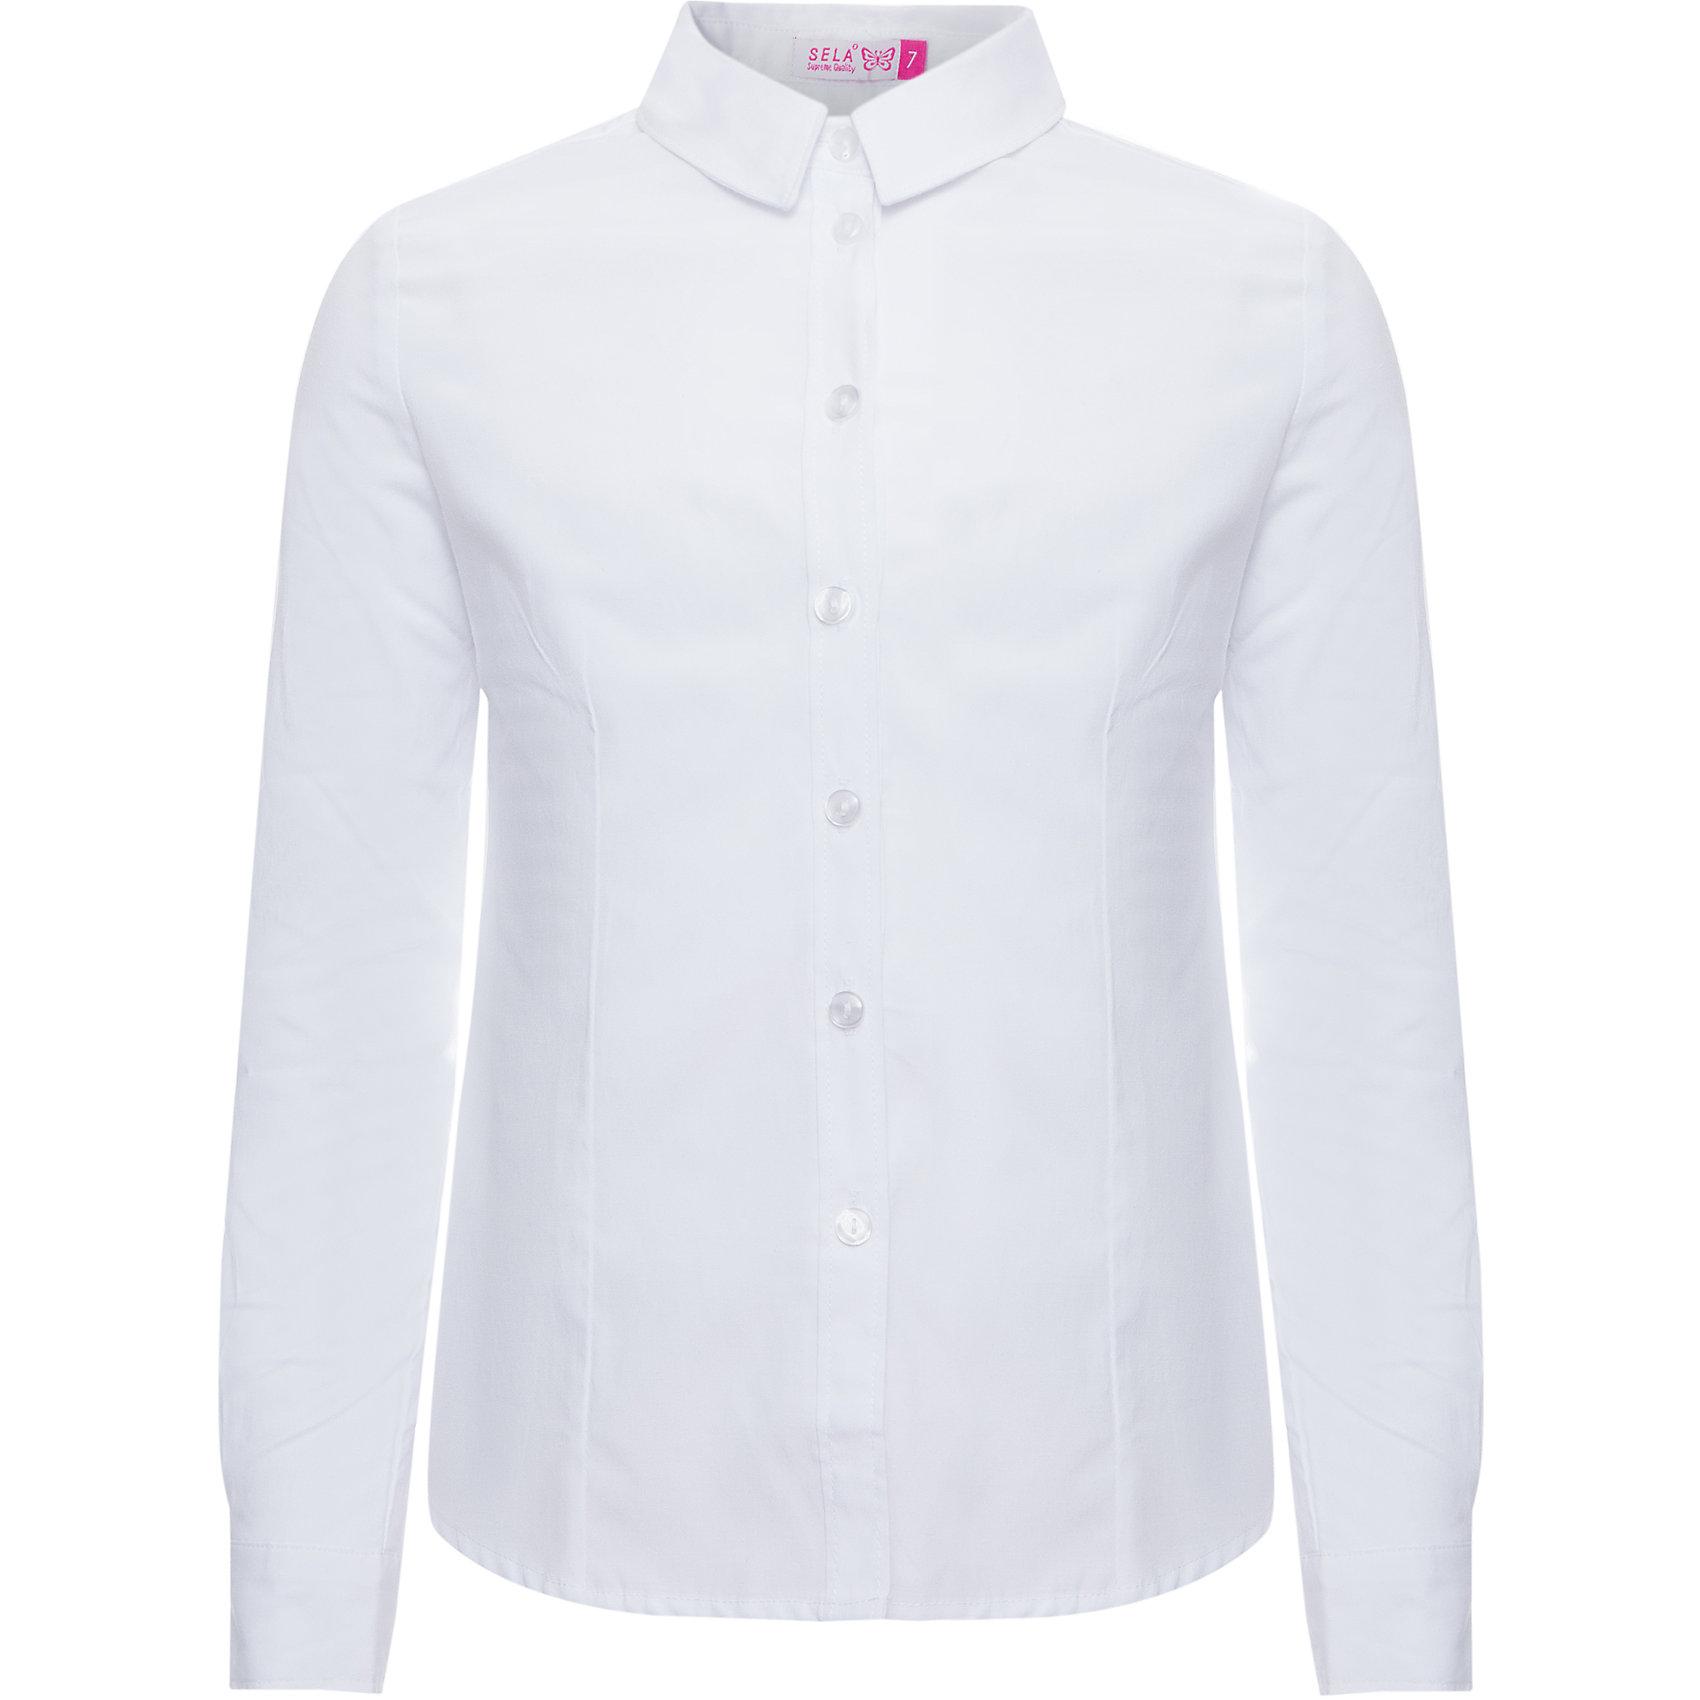 Блуза SELA для девочкиБлузки и рубашки<br>Характеристики товара:<br><br>• цвет: белый<br>• состав ткани: 55% хлопок, 45% полиэстер<br>• сезон: демисезон<br>• особенности модели: школьная, нарядная<br>• застежка: пуговицы<br>• длинные рукава<br>• страна бренда: Россия<br>• страна производства: Китай<br><br>Блузка для девочки отличается классическим дизайном. Белая блуза для девочки - базовая вещь для гардероба. Такая блуза для ребенка сшита из легкого хлопкового материала. Модели от Sela стильные и удобные, как и эта детская рубашка с длинным рукавом. <br><br>Блузу для девочки Sela (Села) можно купить в нашем интернет-магазине.<br><br>Ширина мм: 186<br>Глубина мм: 87<br>Высота мм: 198<br>Вес г: 197<br>Цвет: белый<br>Возраст от месяцев: 108<br>Возраст до месяцев: 120<br>Пол: Женский<br>Возраст: Детский<br>Размер: 140,164,122,128,134,146,152<br>SKU: 7032248